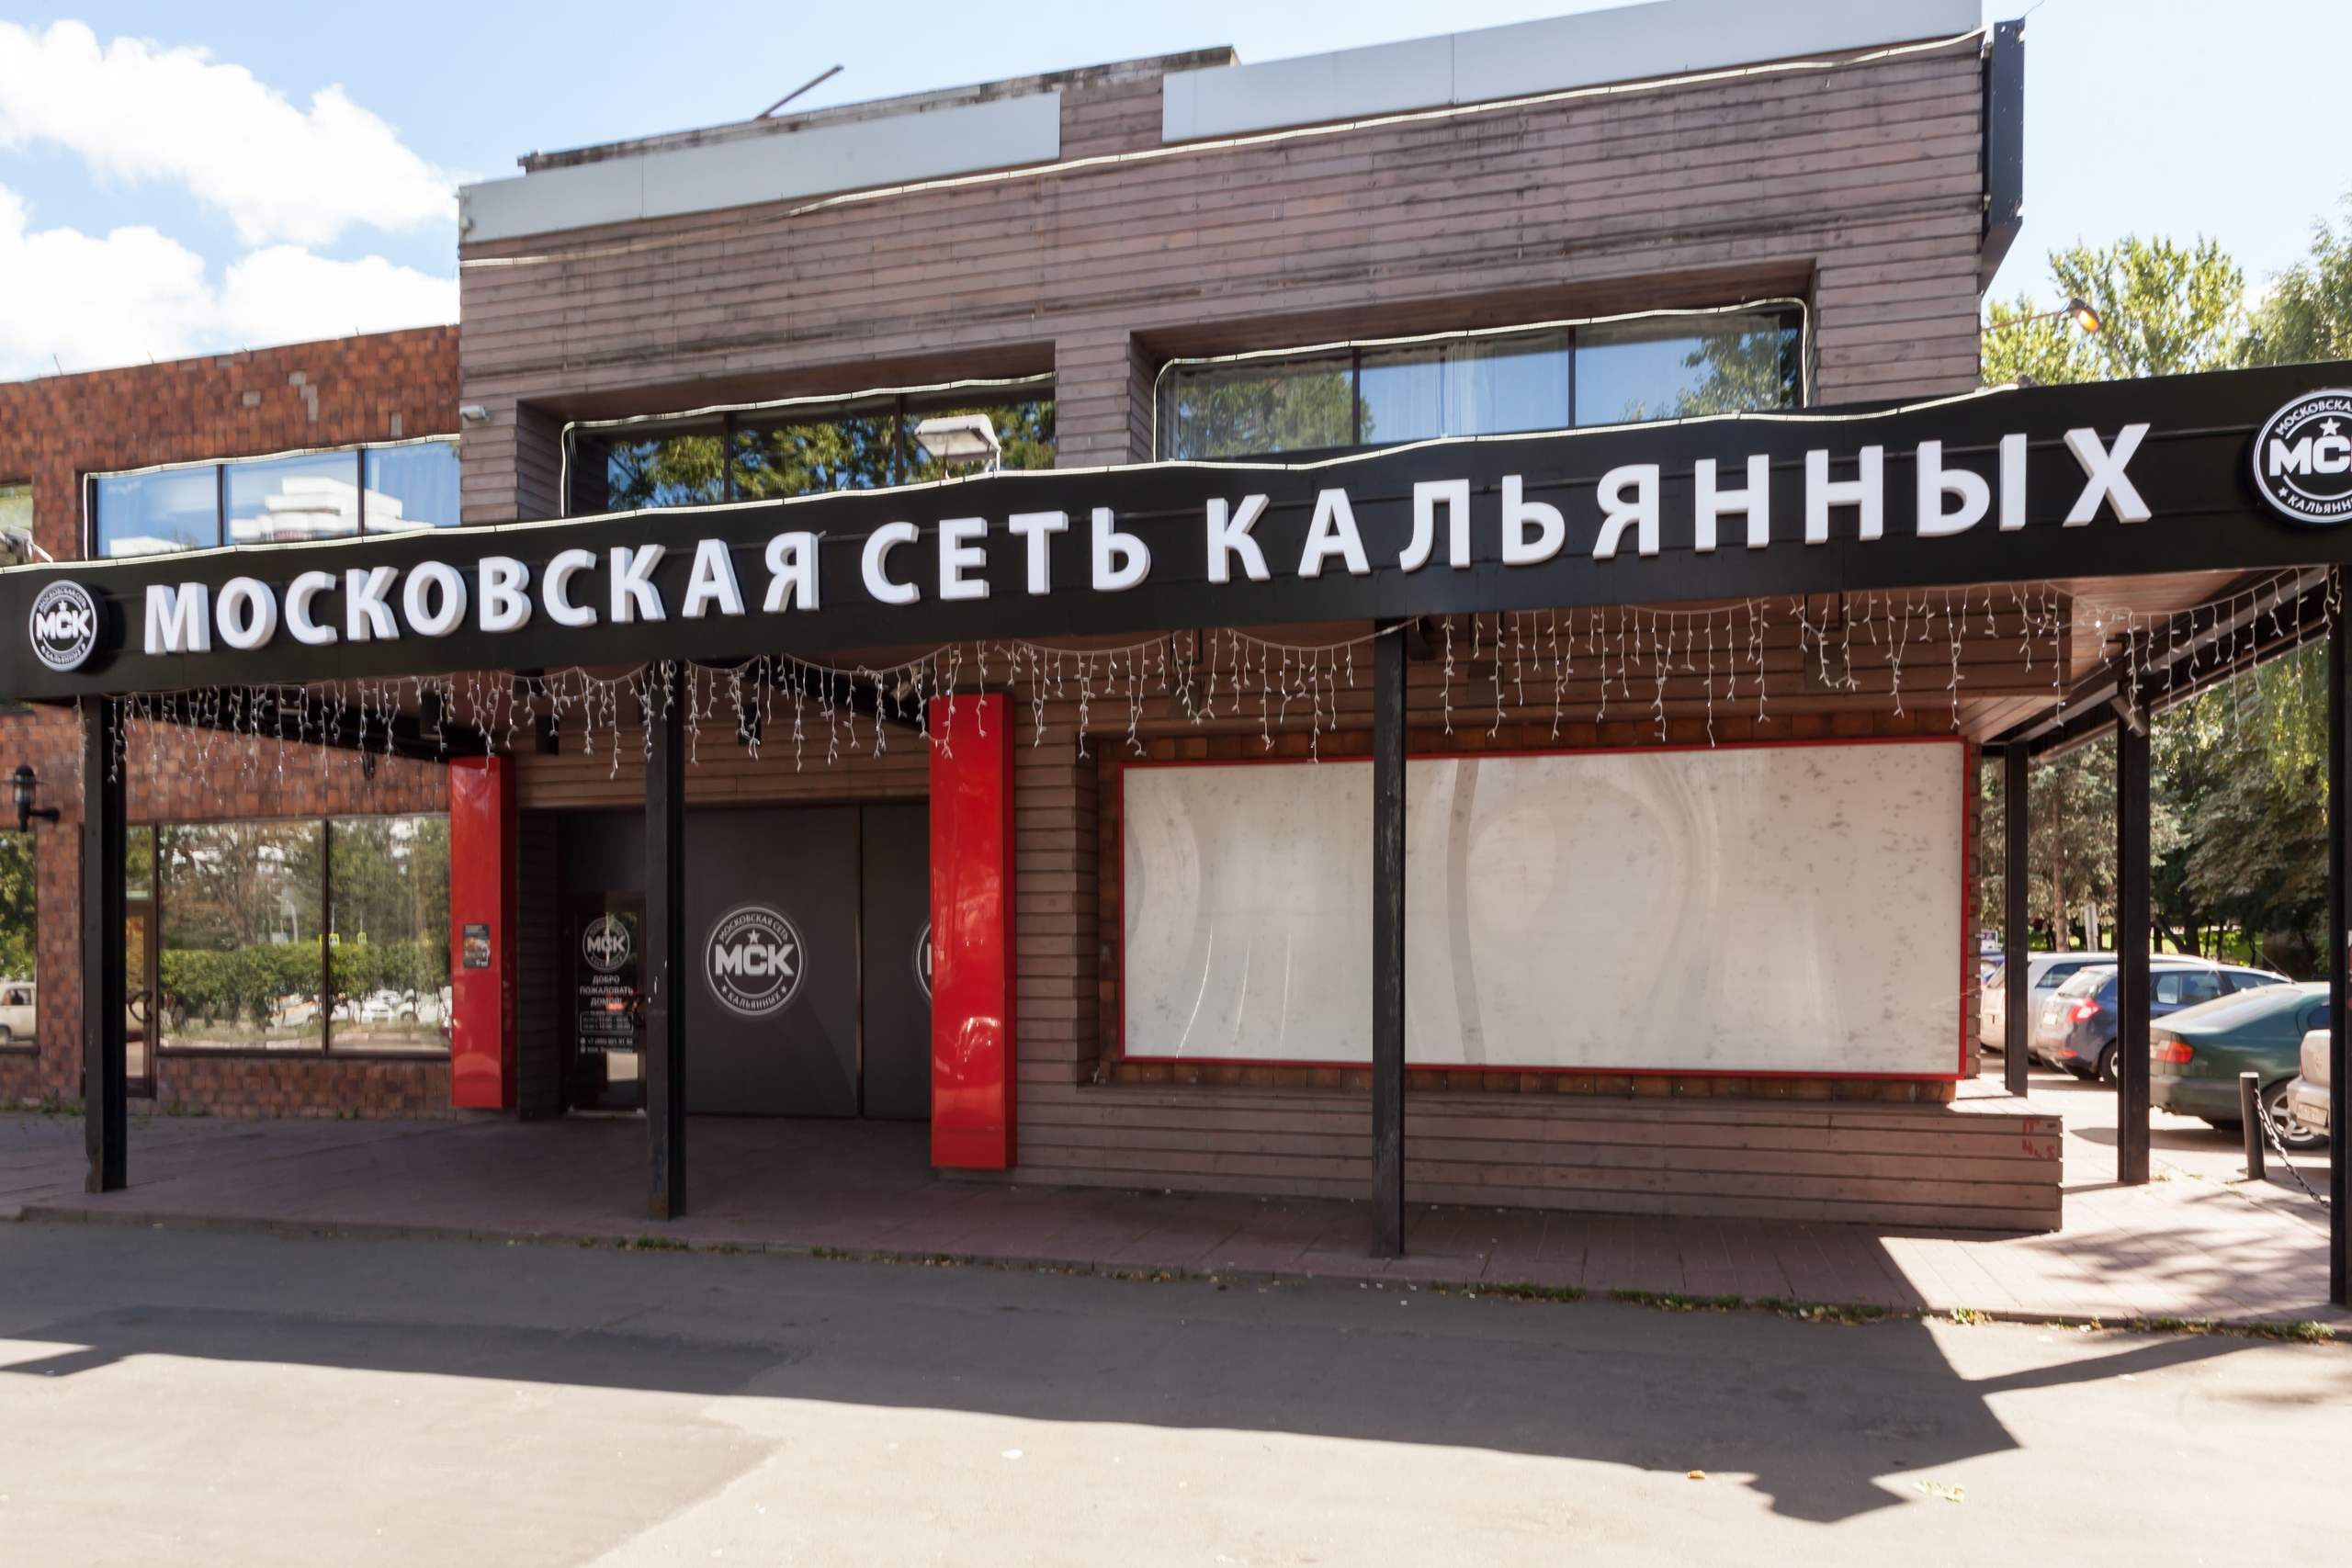 Московская Сеть Кальянных - интерьер на Севастопольском пр-те - Вид с улицы